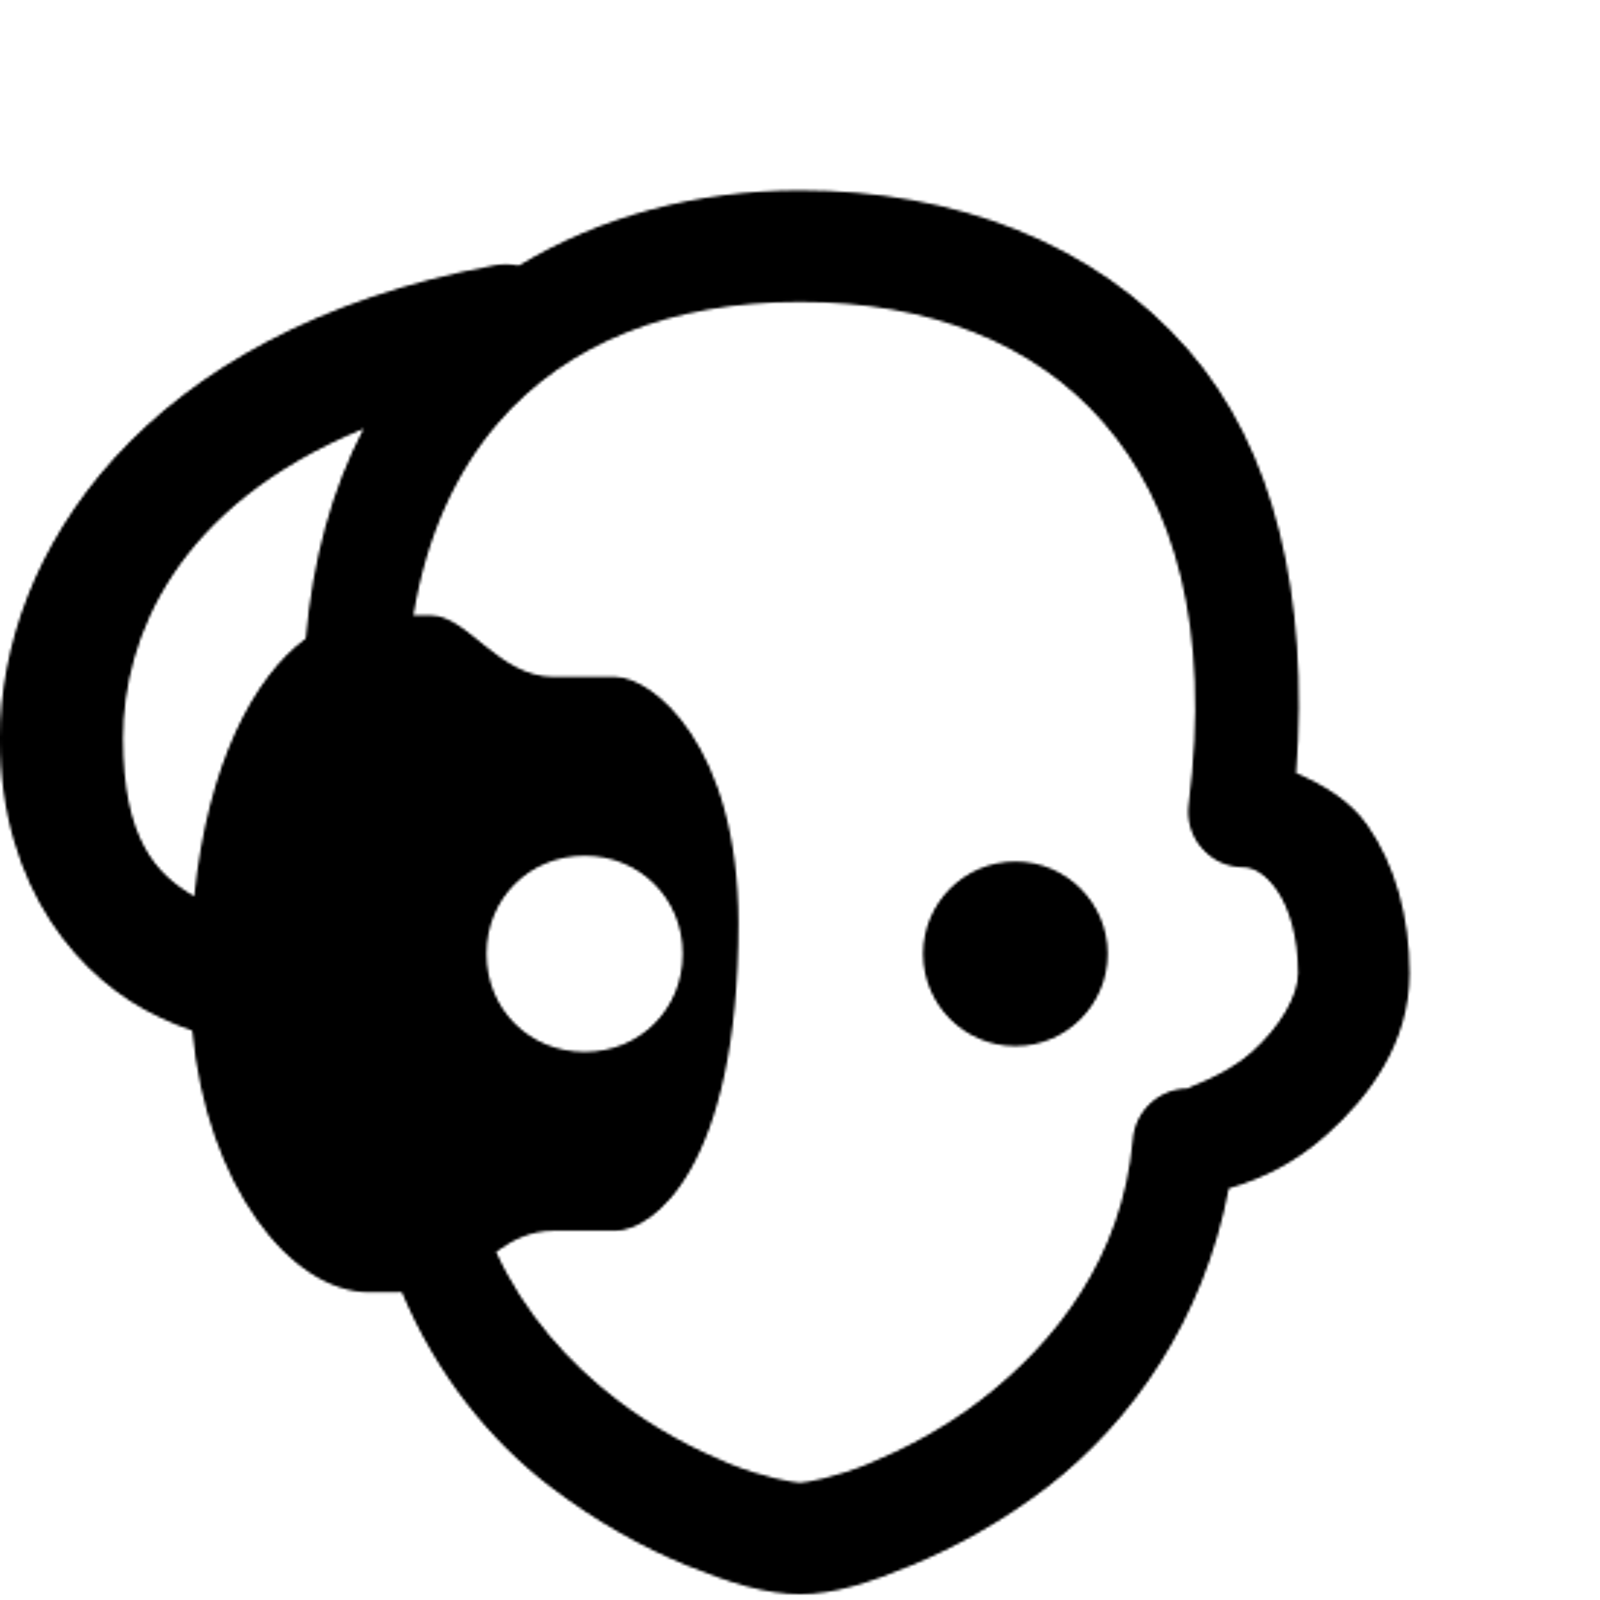 Głowa Borga icon